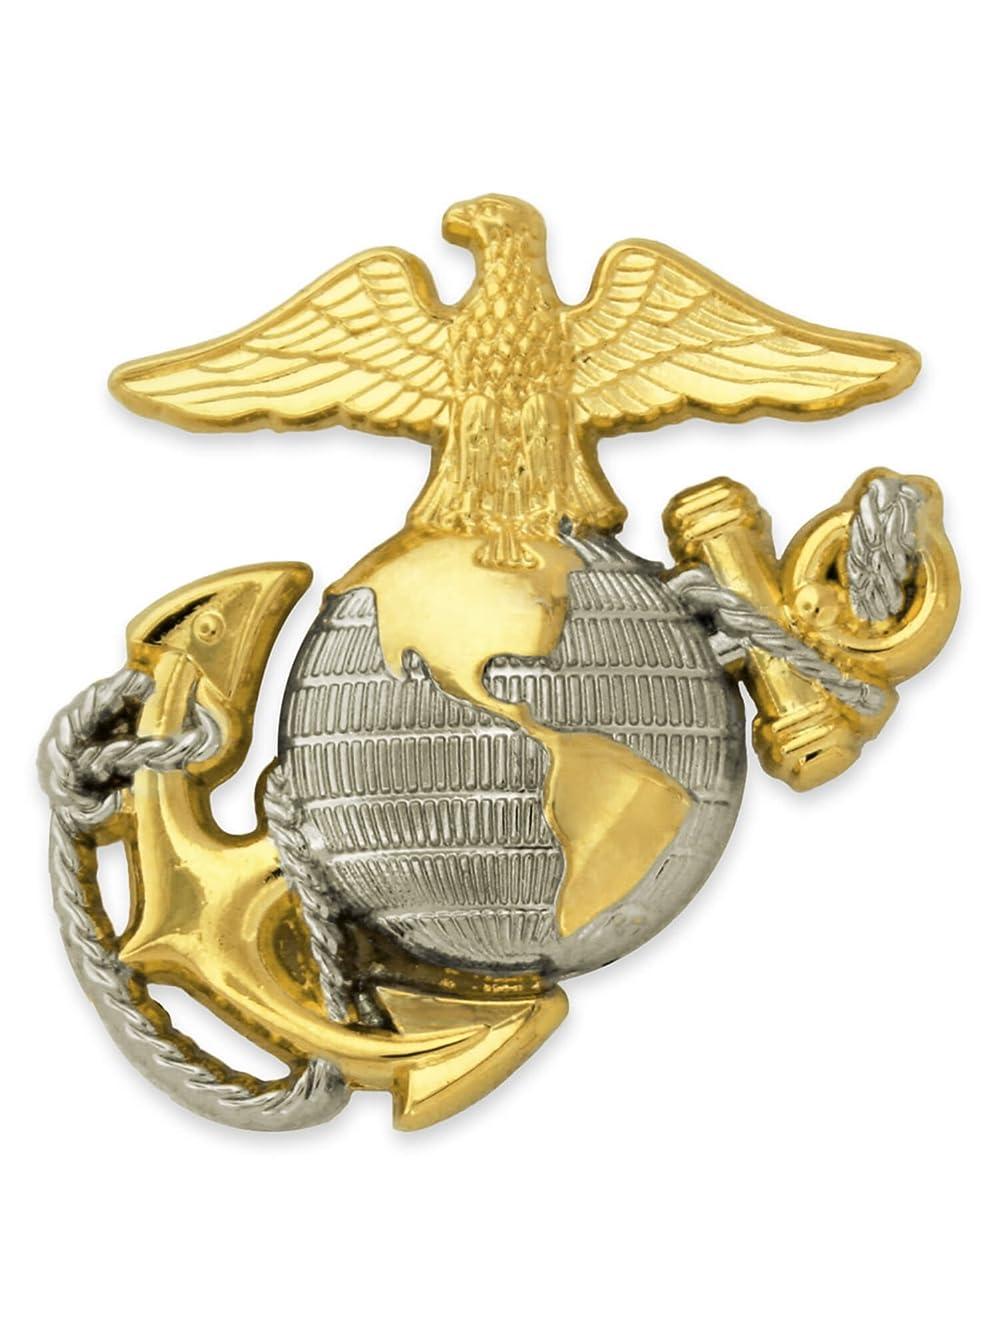 敬の念役立つ反毒Pinmartの米国海兵隊エンブレムMilitaryラペルピン 25 ゴールド